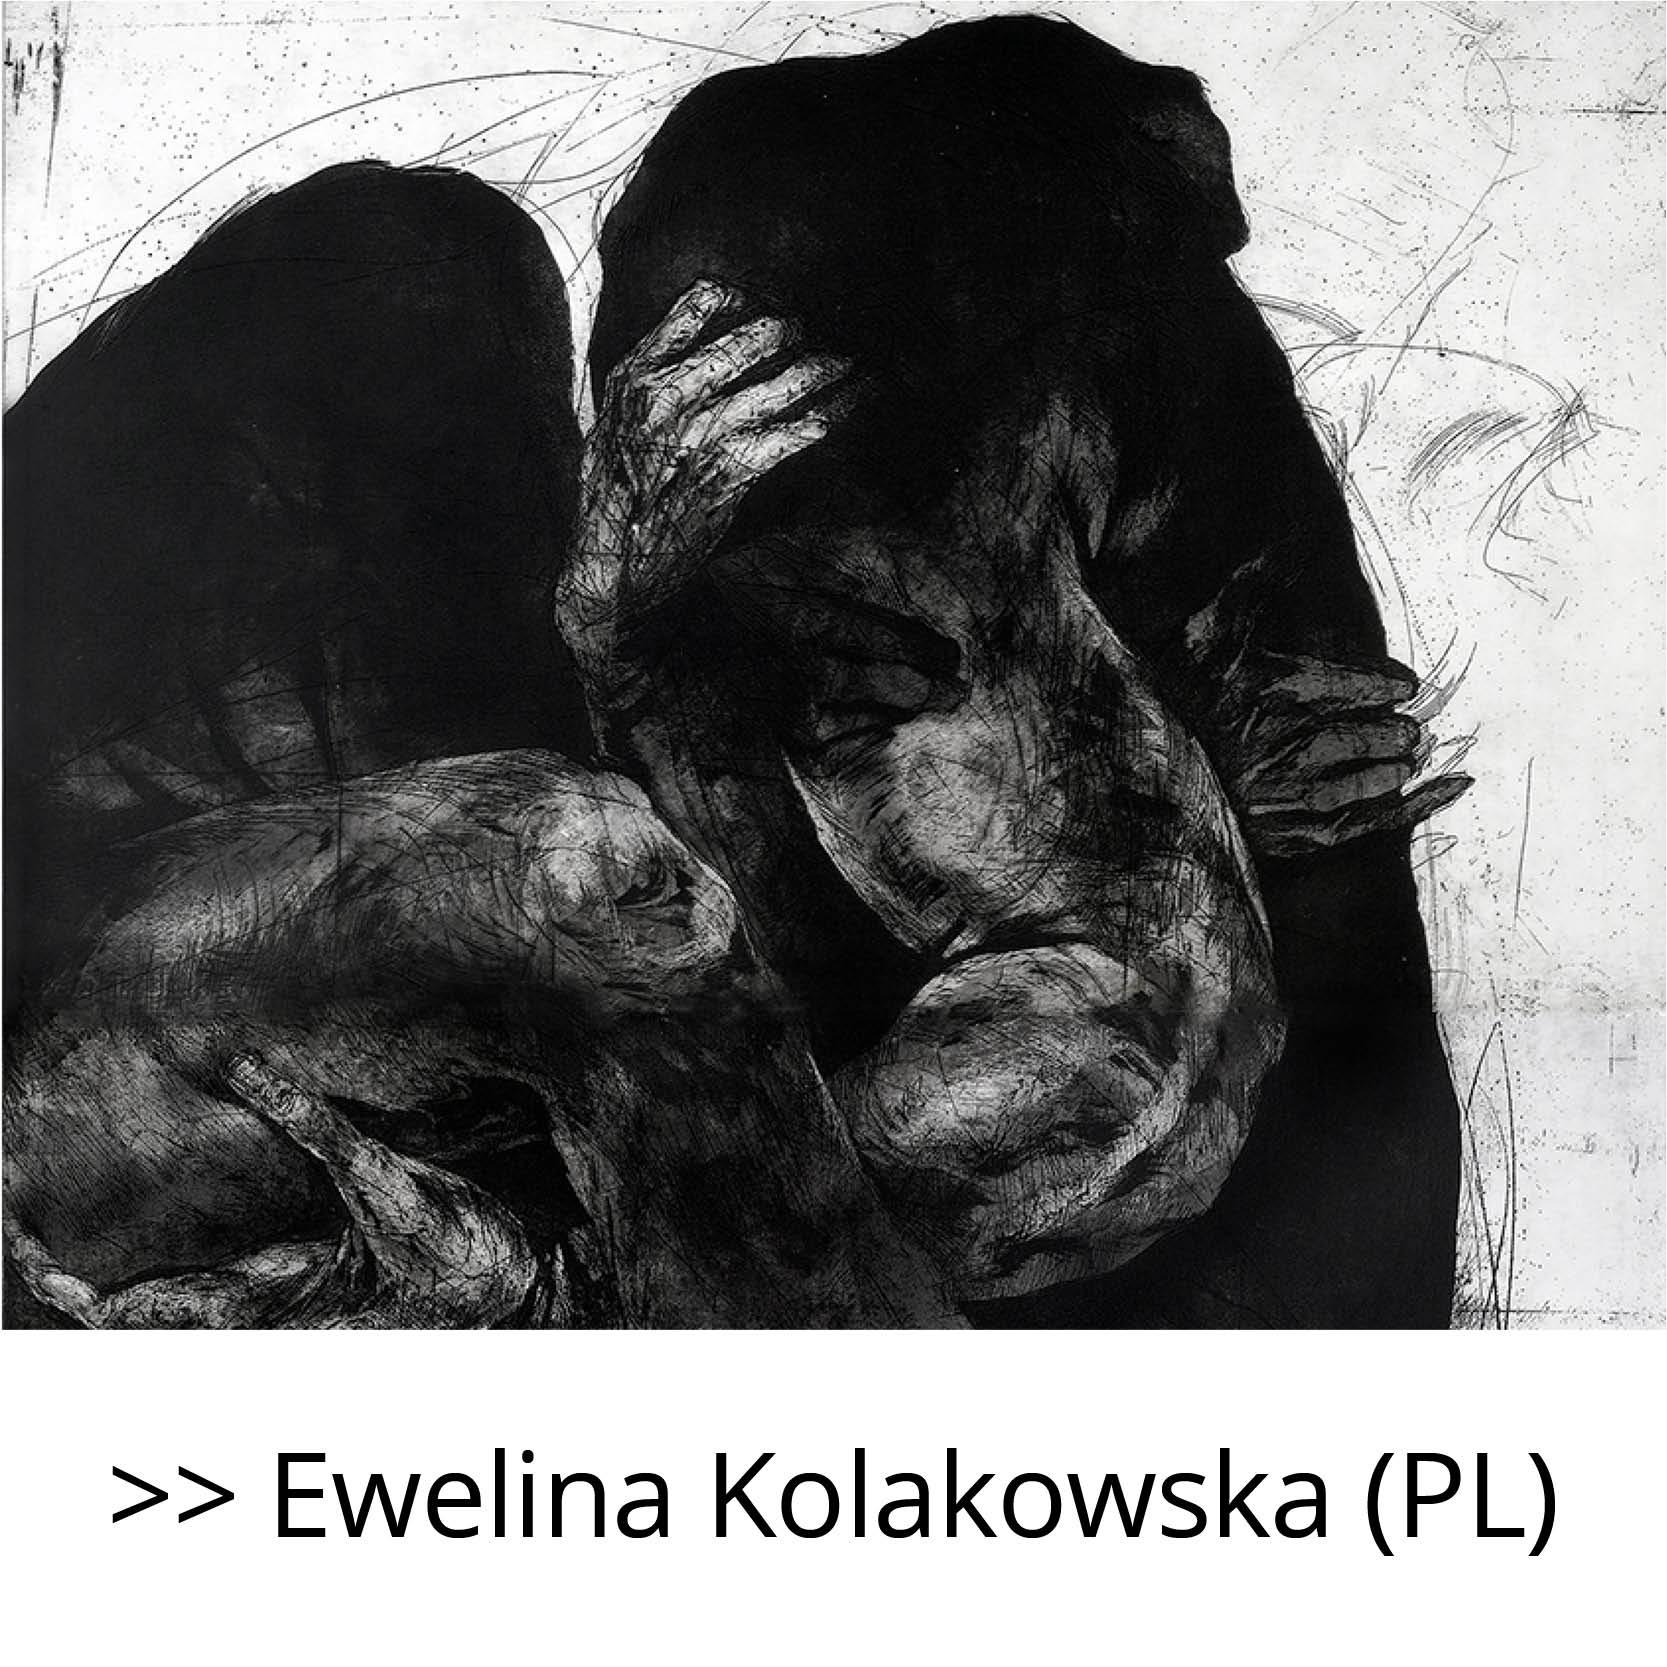 Ewelina_Kolakowska_(PL)